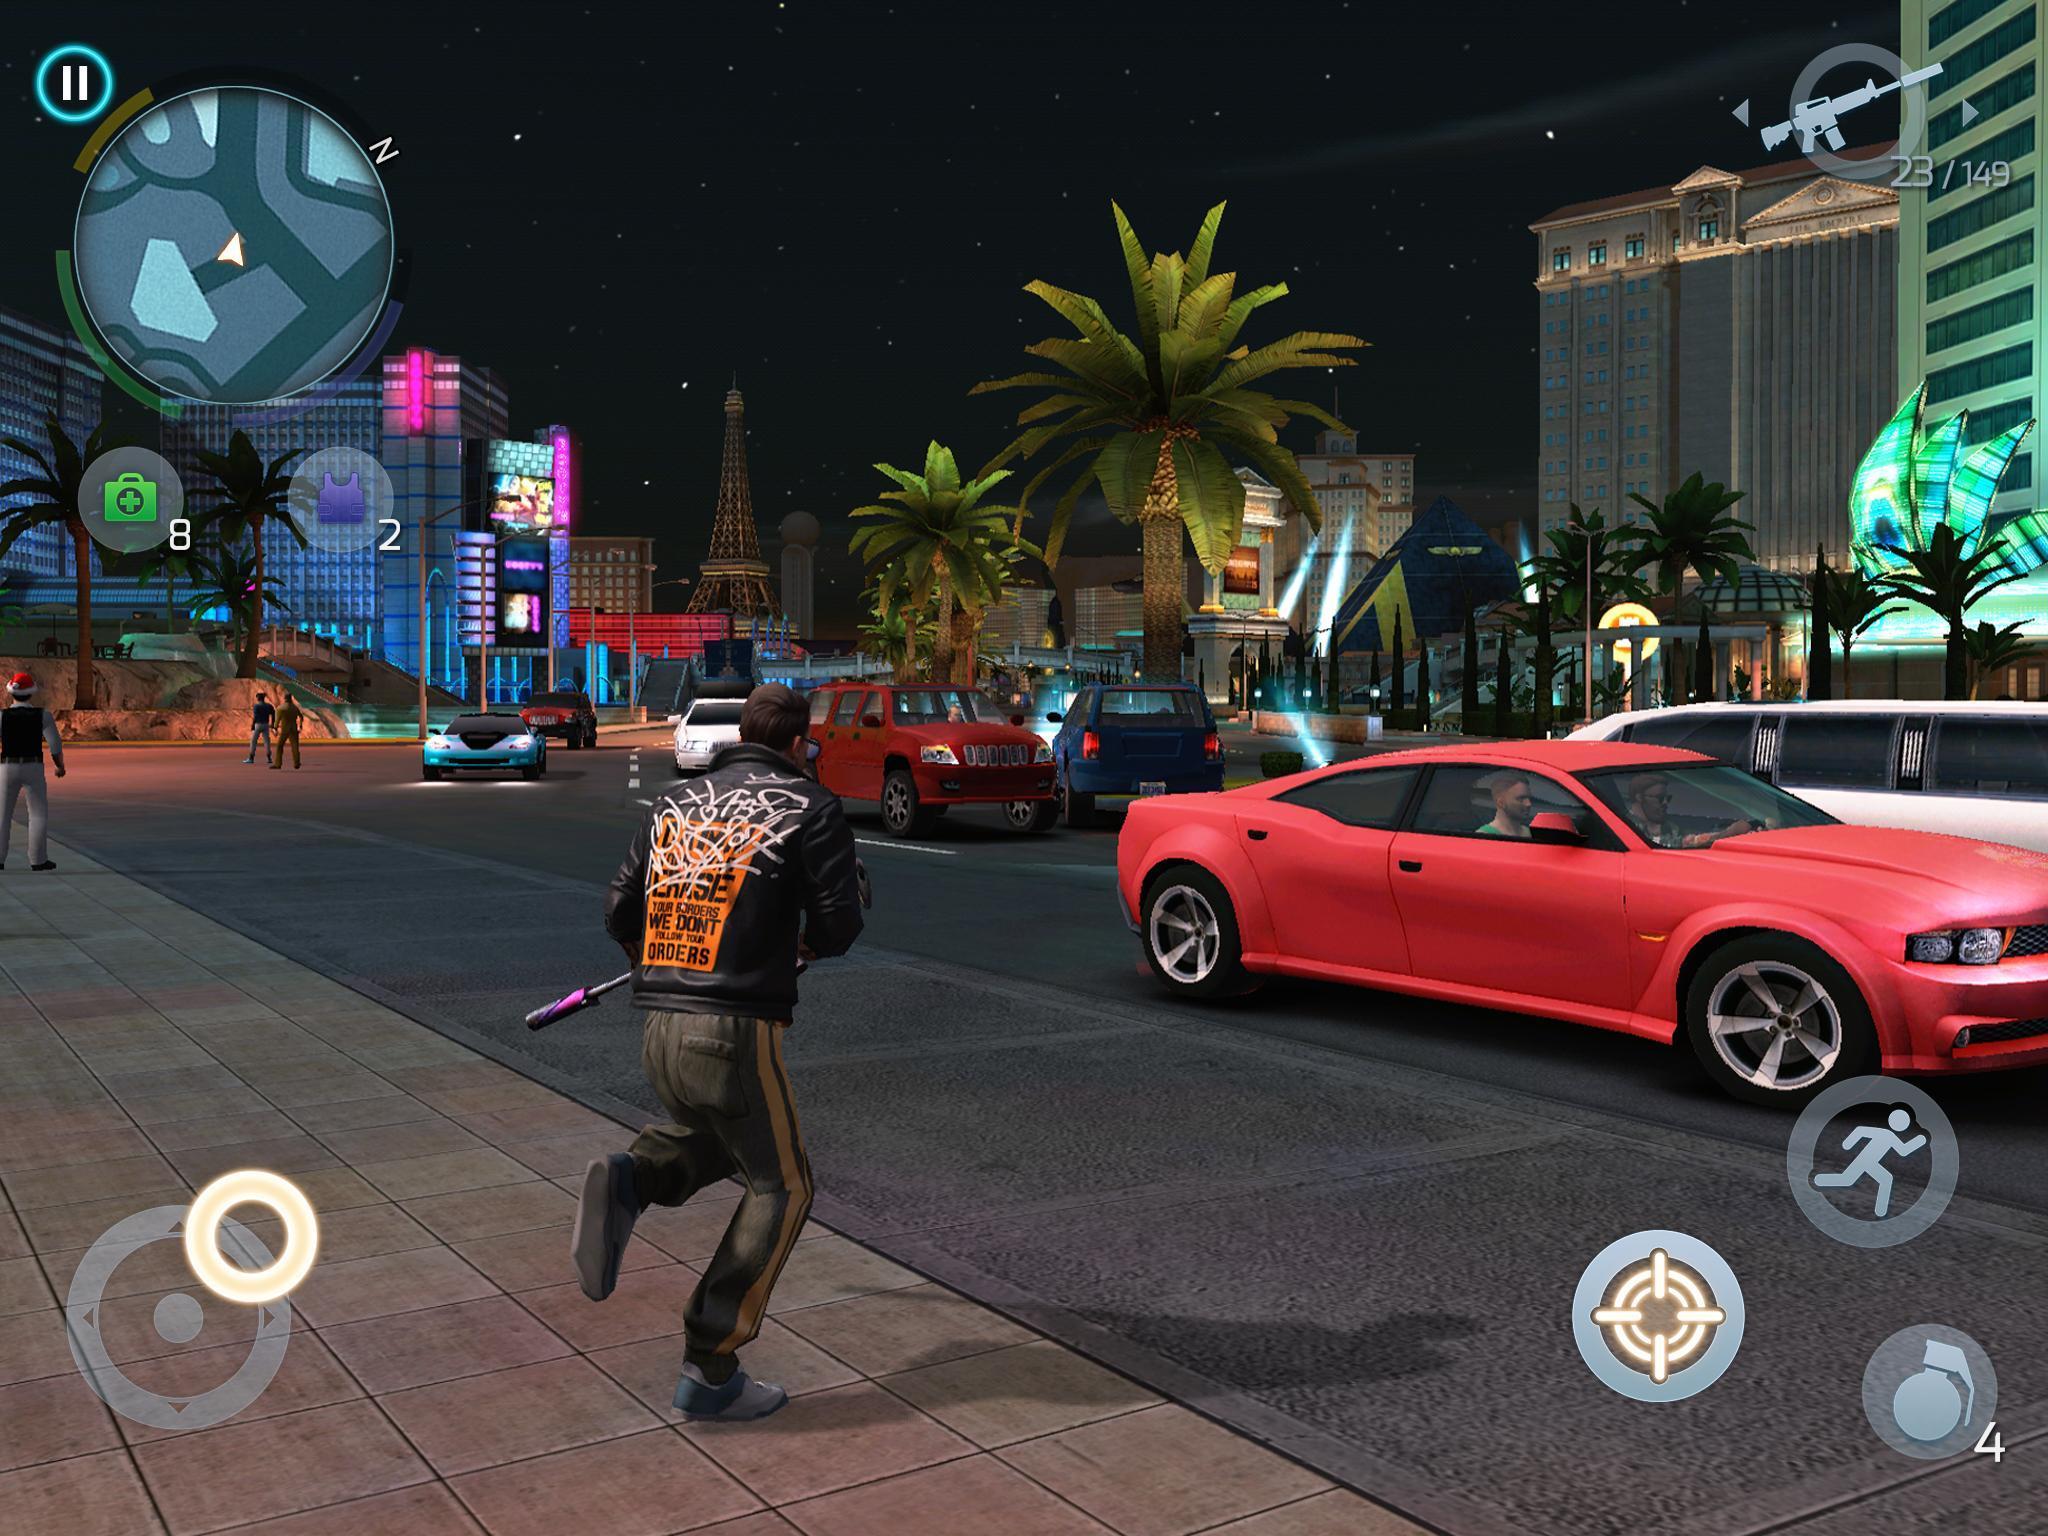 تحميل لعبة gangstar vegas مهكرة